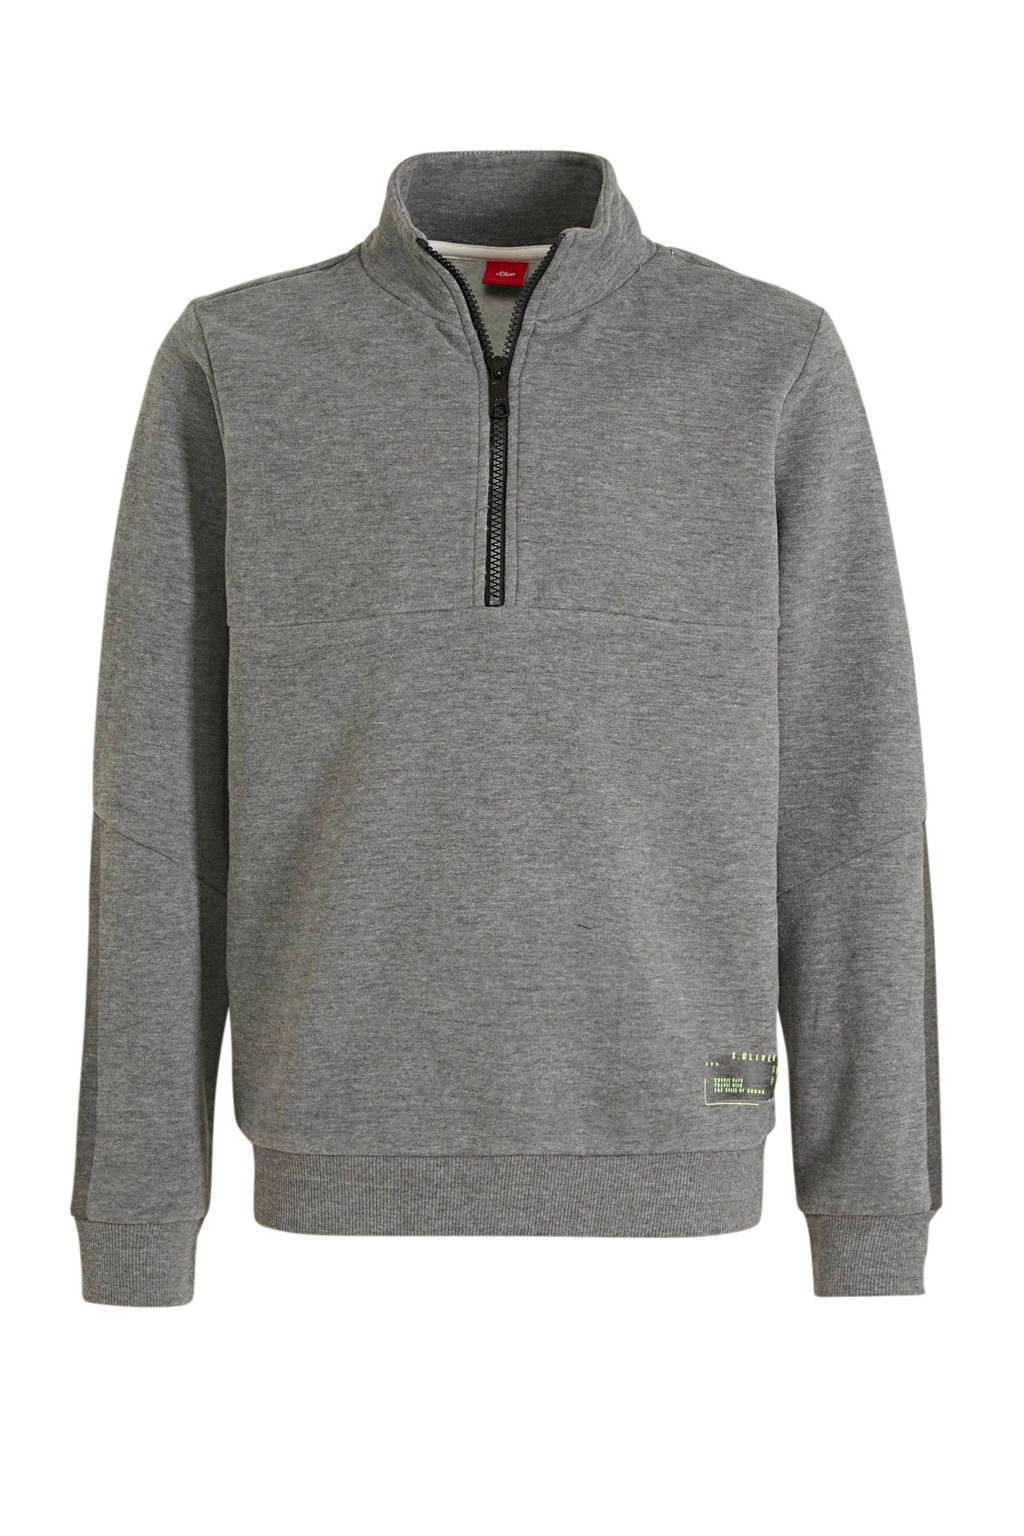 s.Oliver gemêleerde sweater antraciet, Antraciet